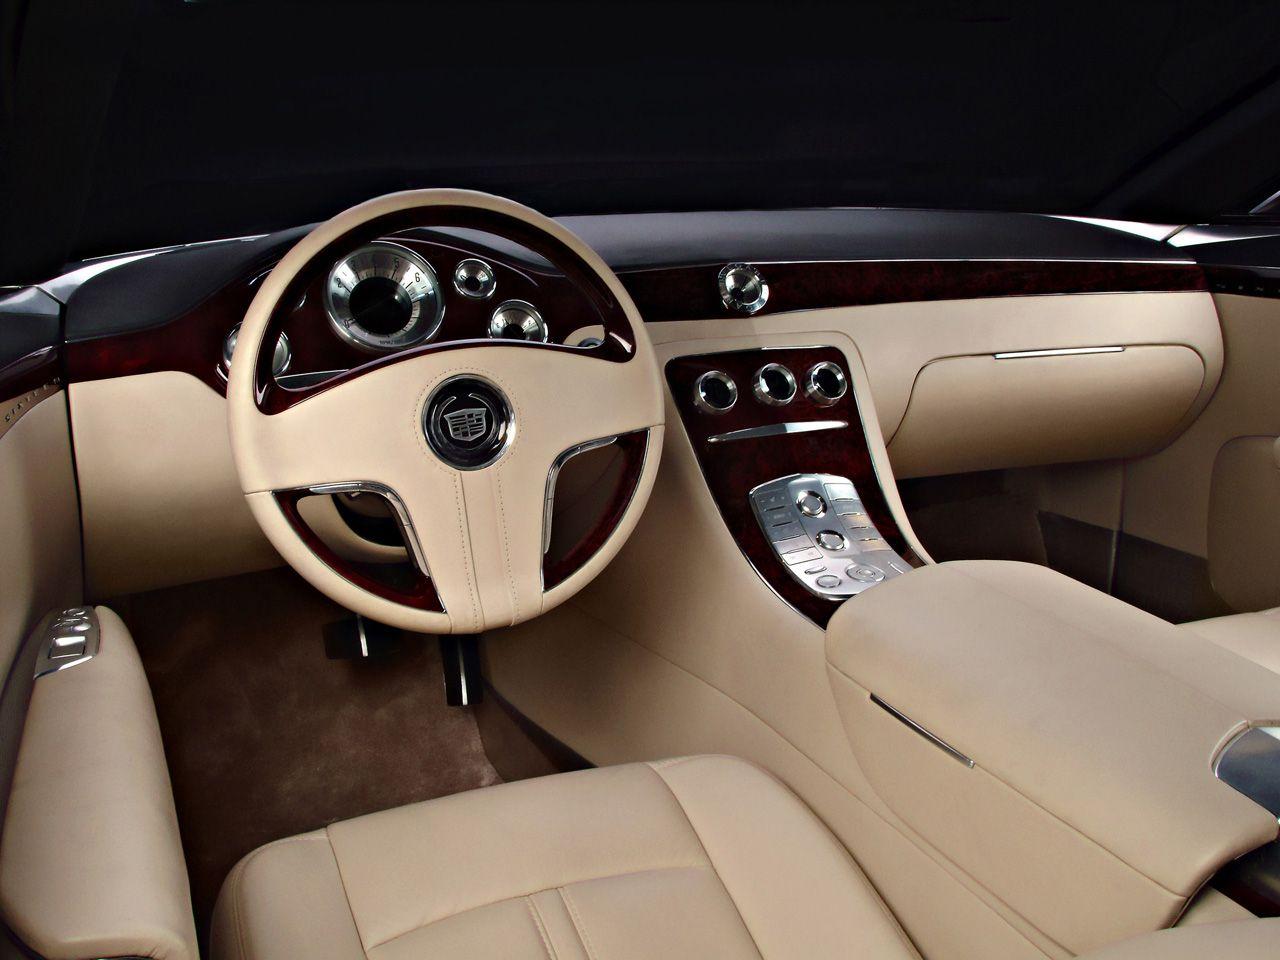 Pin on Automotive Interiors